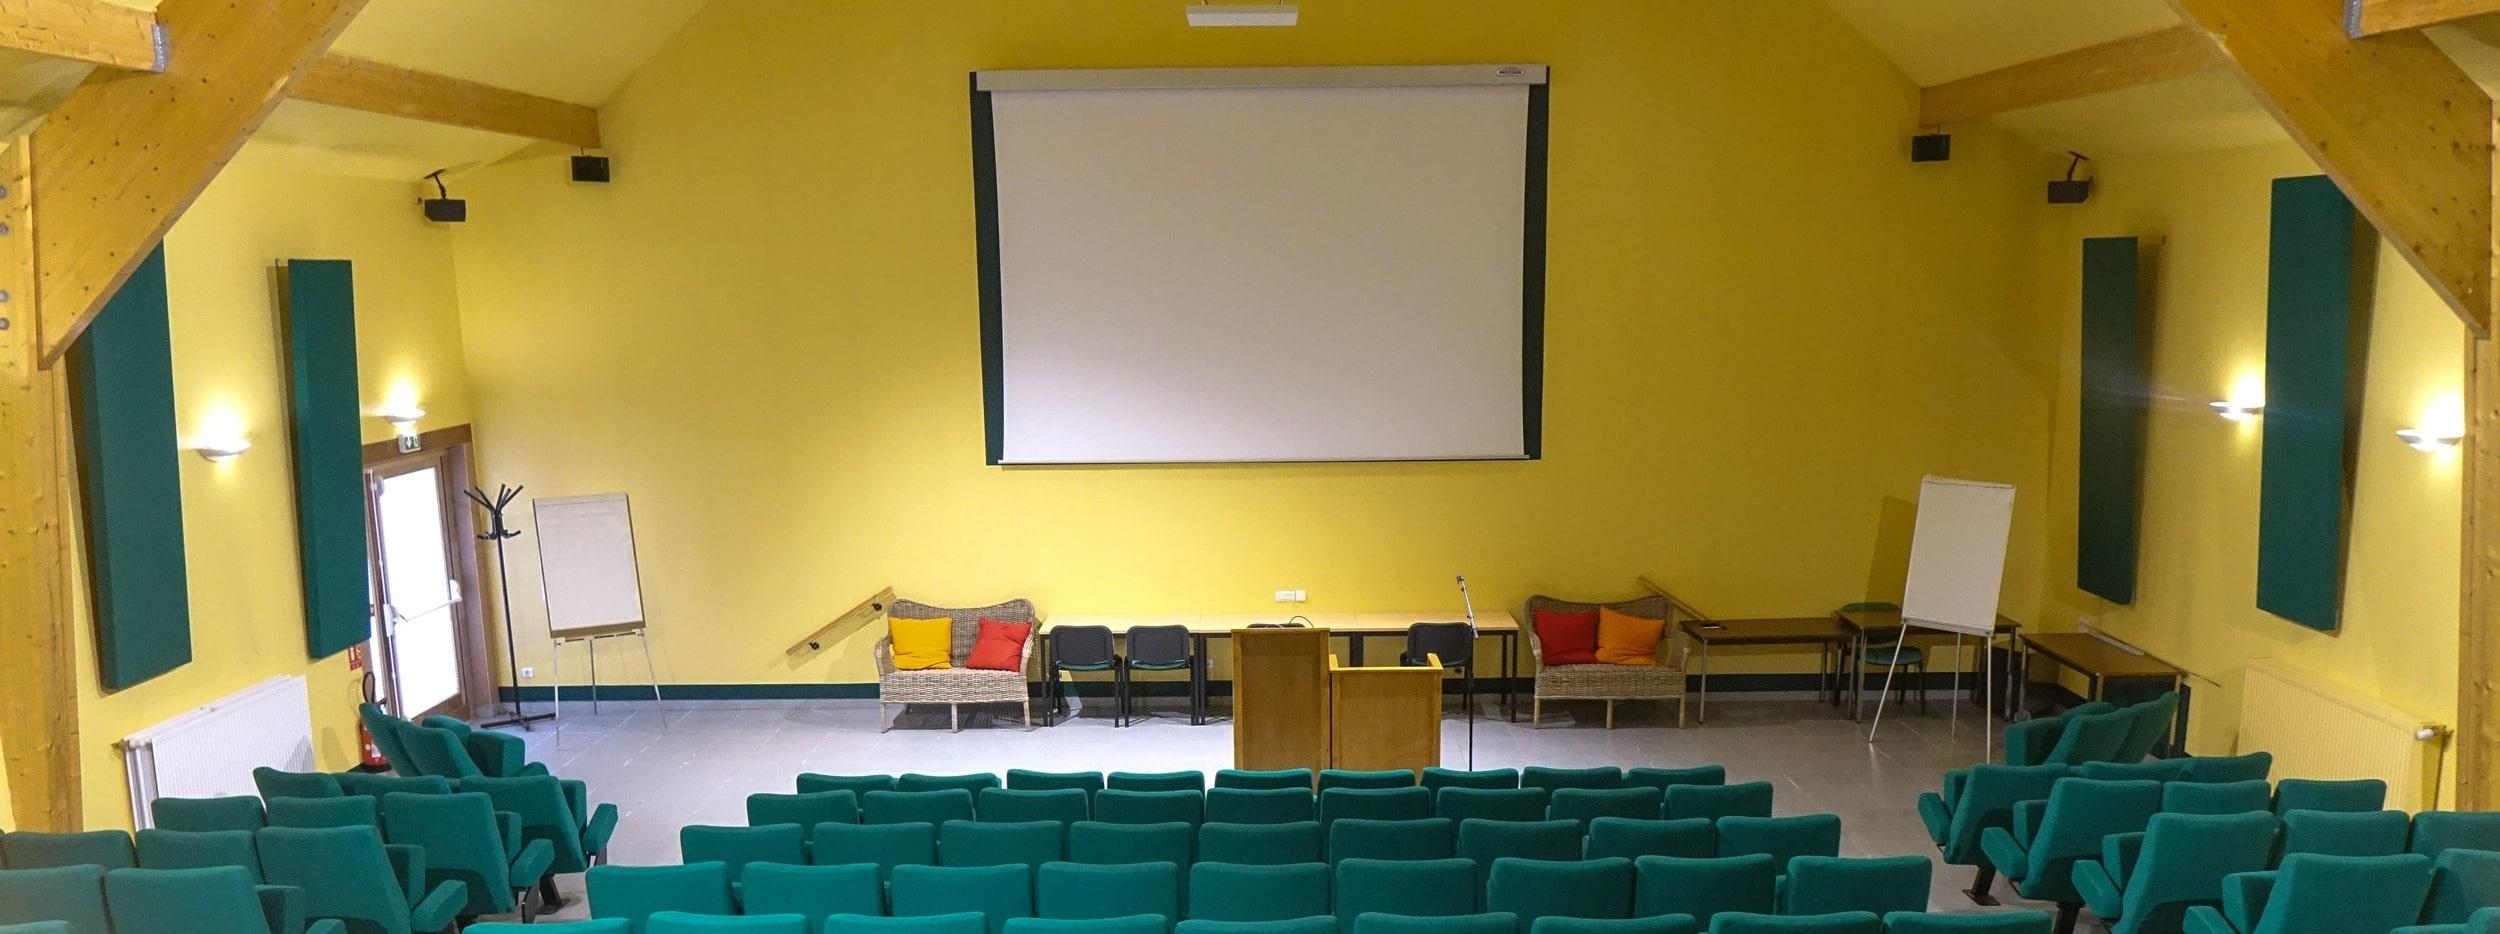 L'auditorium de 176 places en location pour conférences, vue latérale gauche